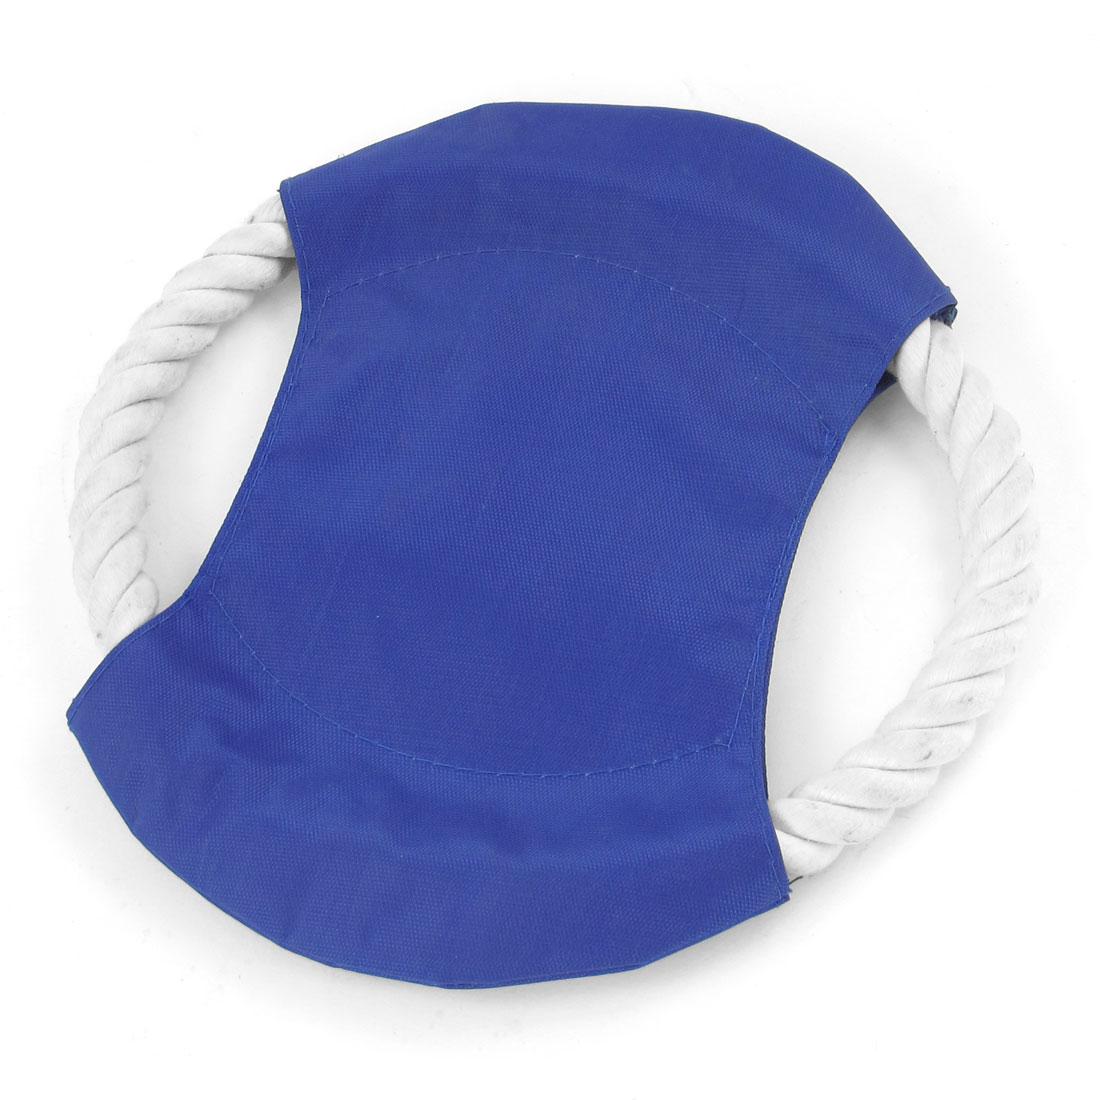 18cm Diameter White Cord Woven Nylon Cover Pet Dog Exercising Flying Blue